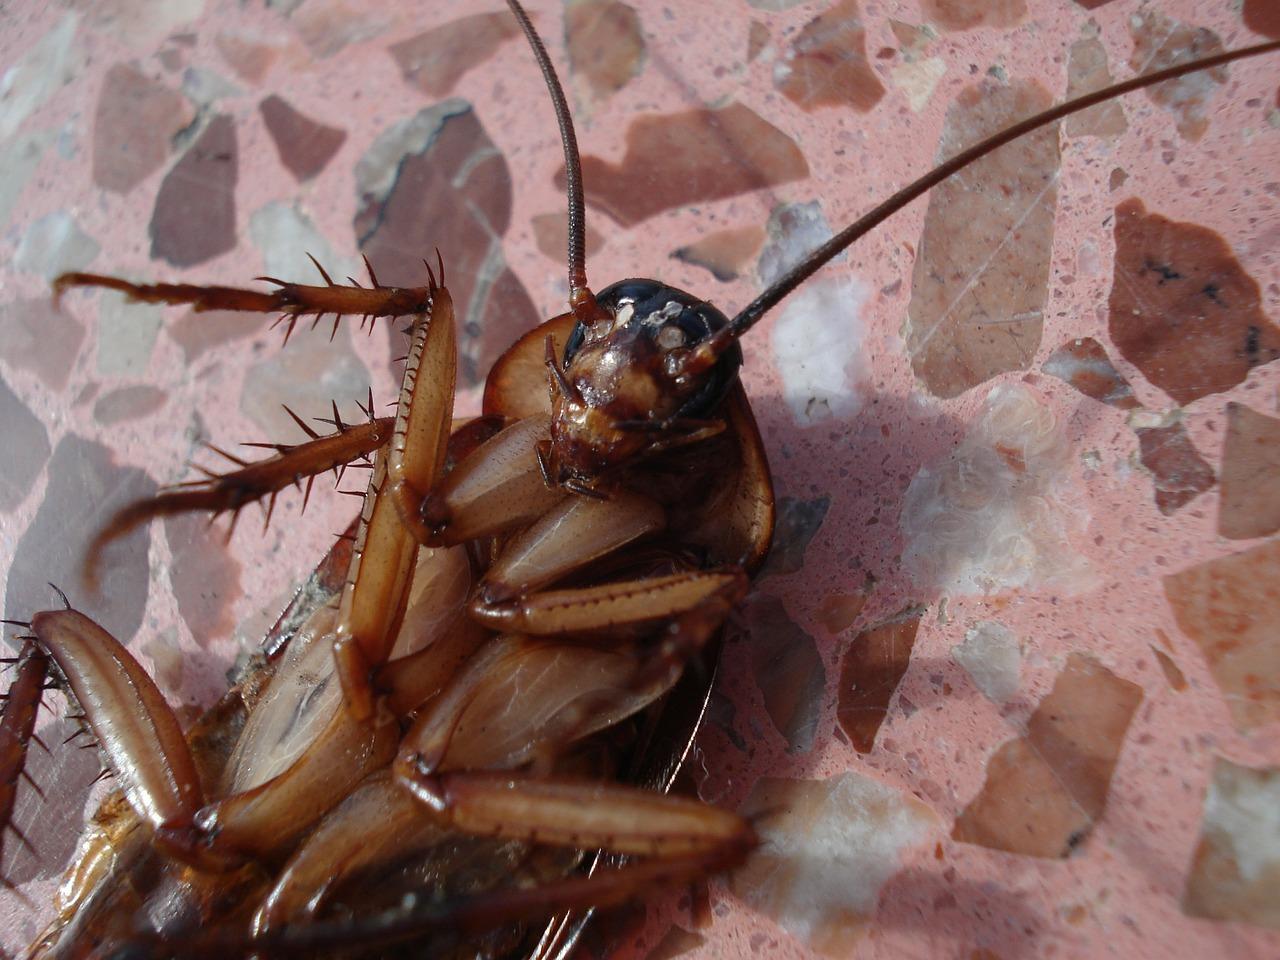 Chinesische Kakerlaken als Wundermittel gegen Krankheiten